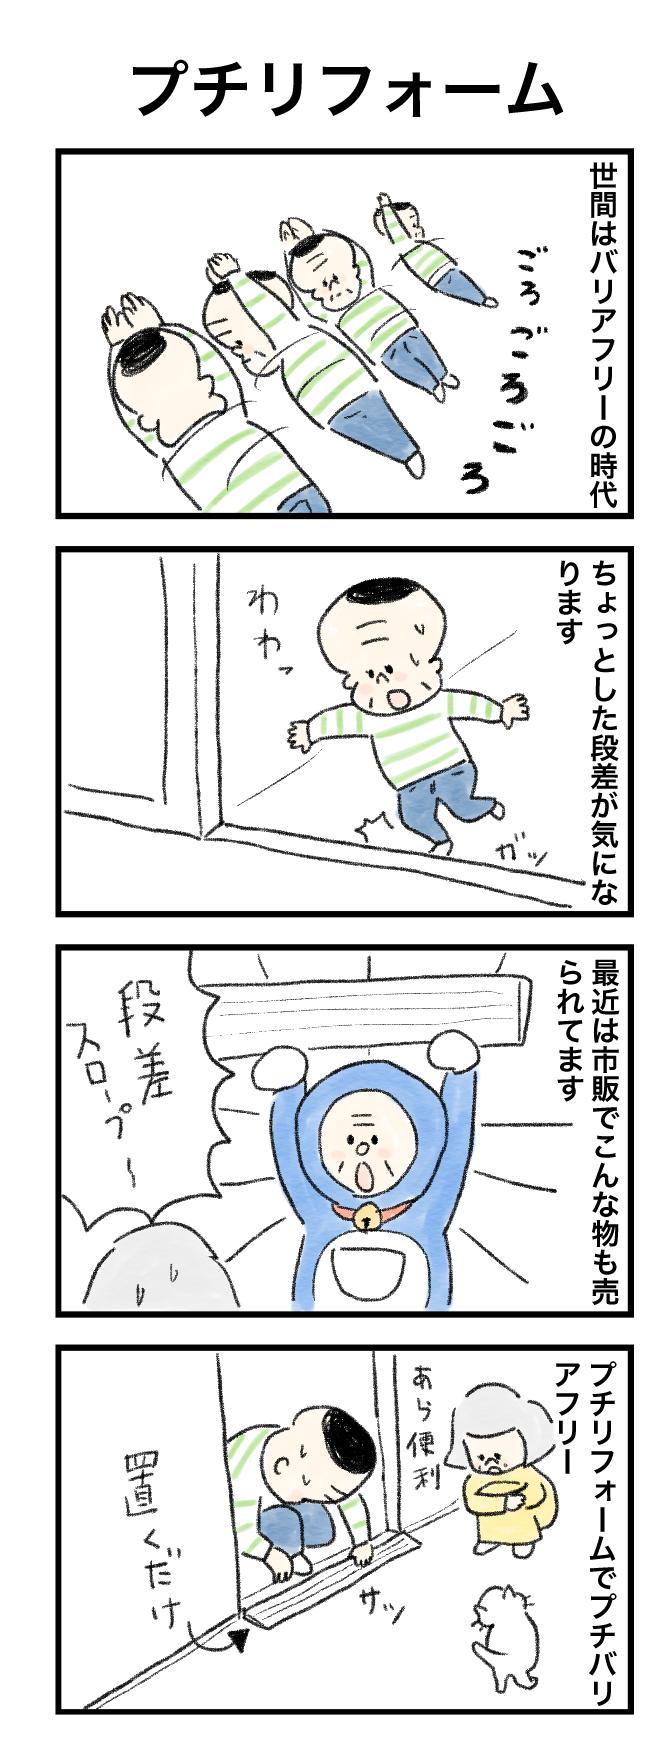 今日の泉谷さん【60】 作:カワサキヒロシ「プチリフォーム」